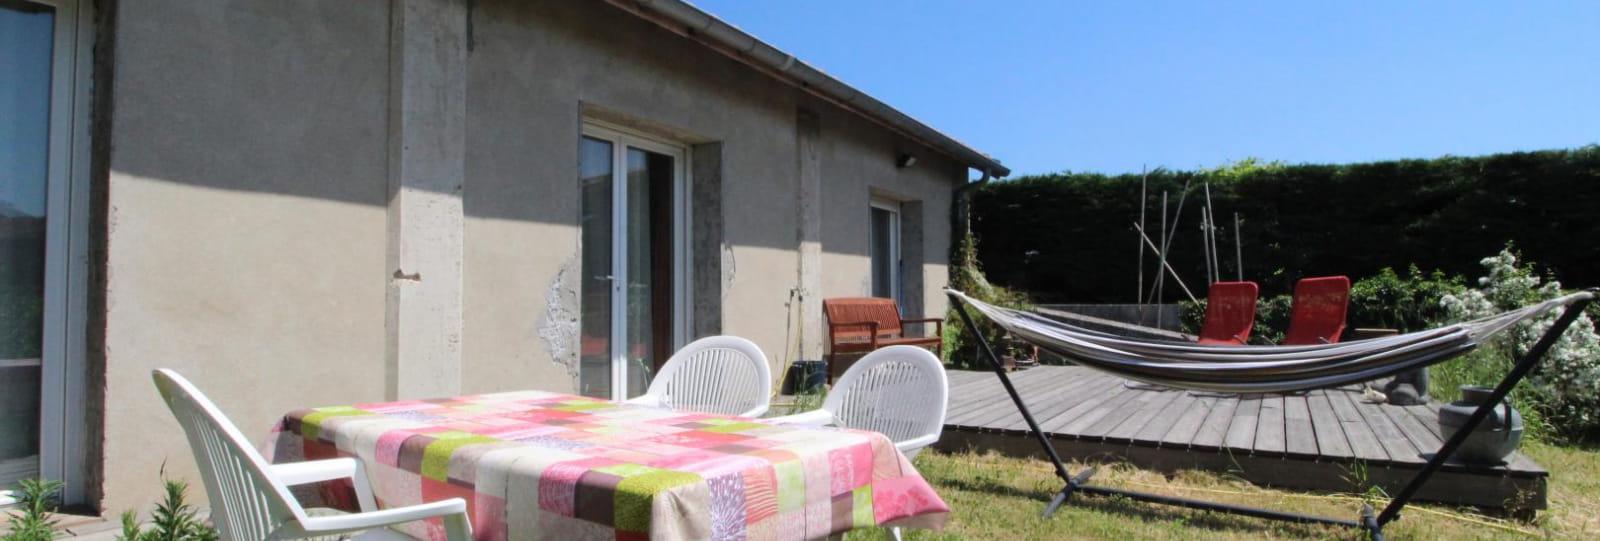 Terrasse non couverte avec hamac et salon de jardin